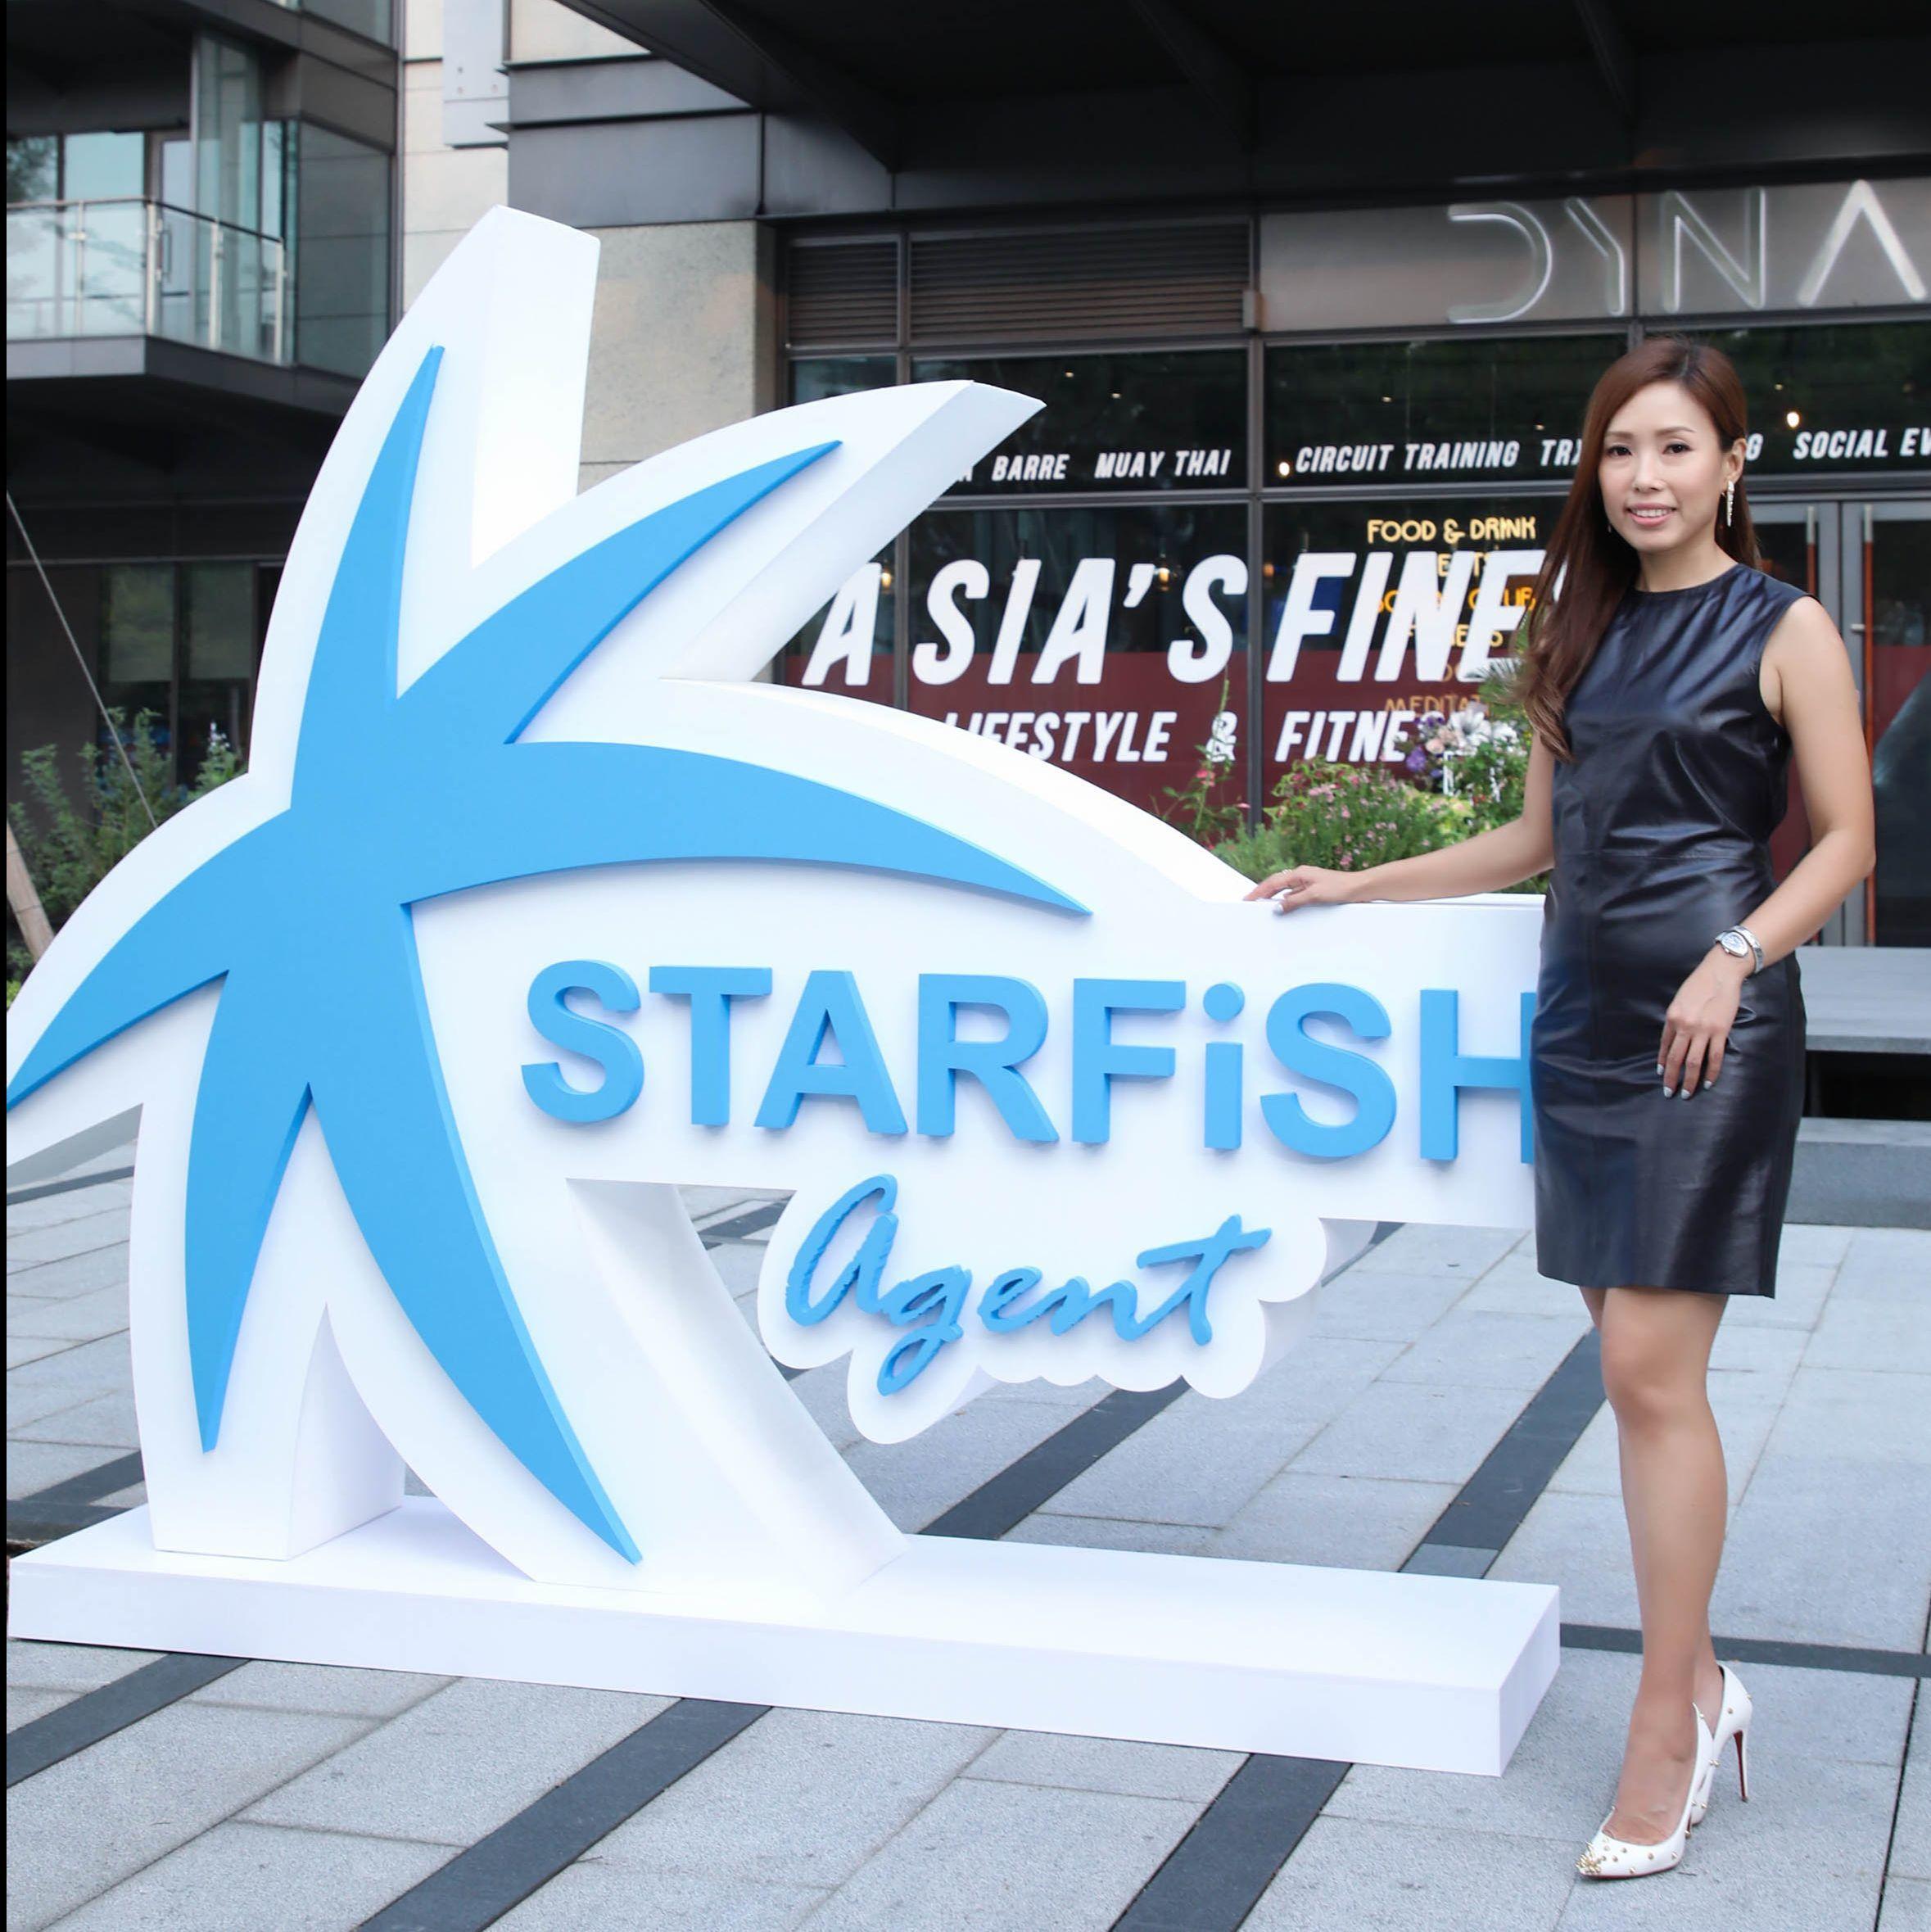 帶領運動職人們走向下一巔峰!STARFiSH agent 星予經紀打造台灣運動全新格局